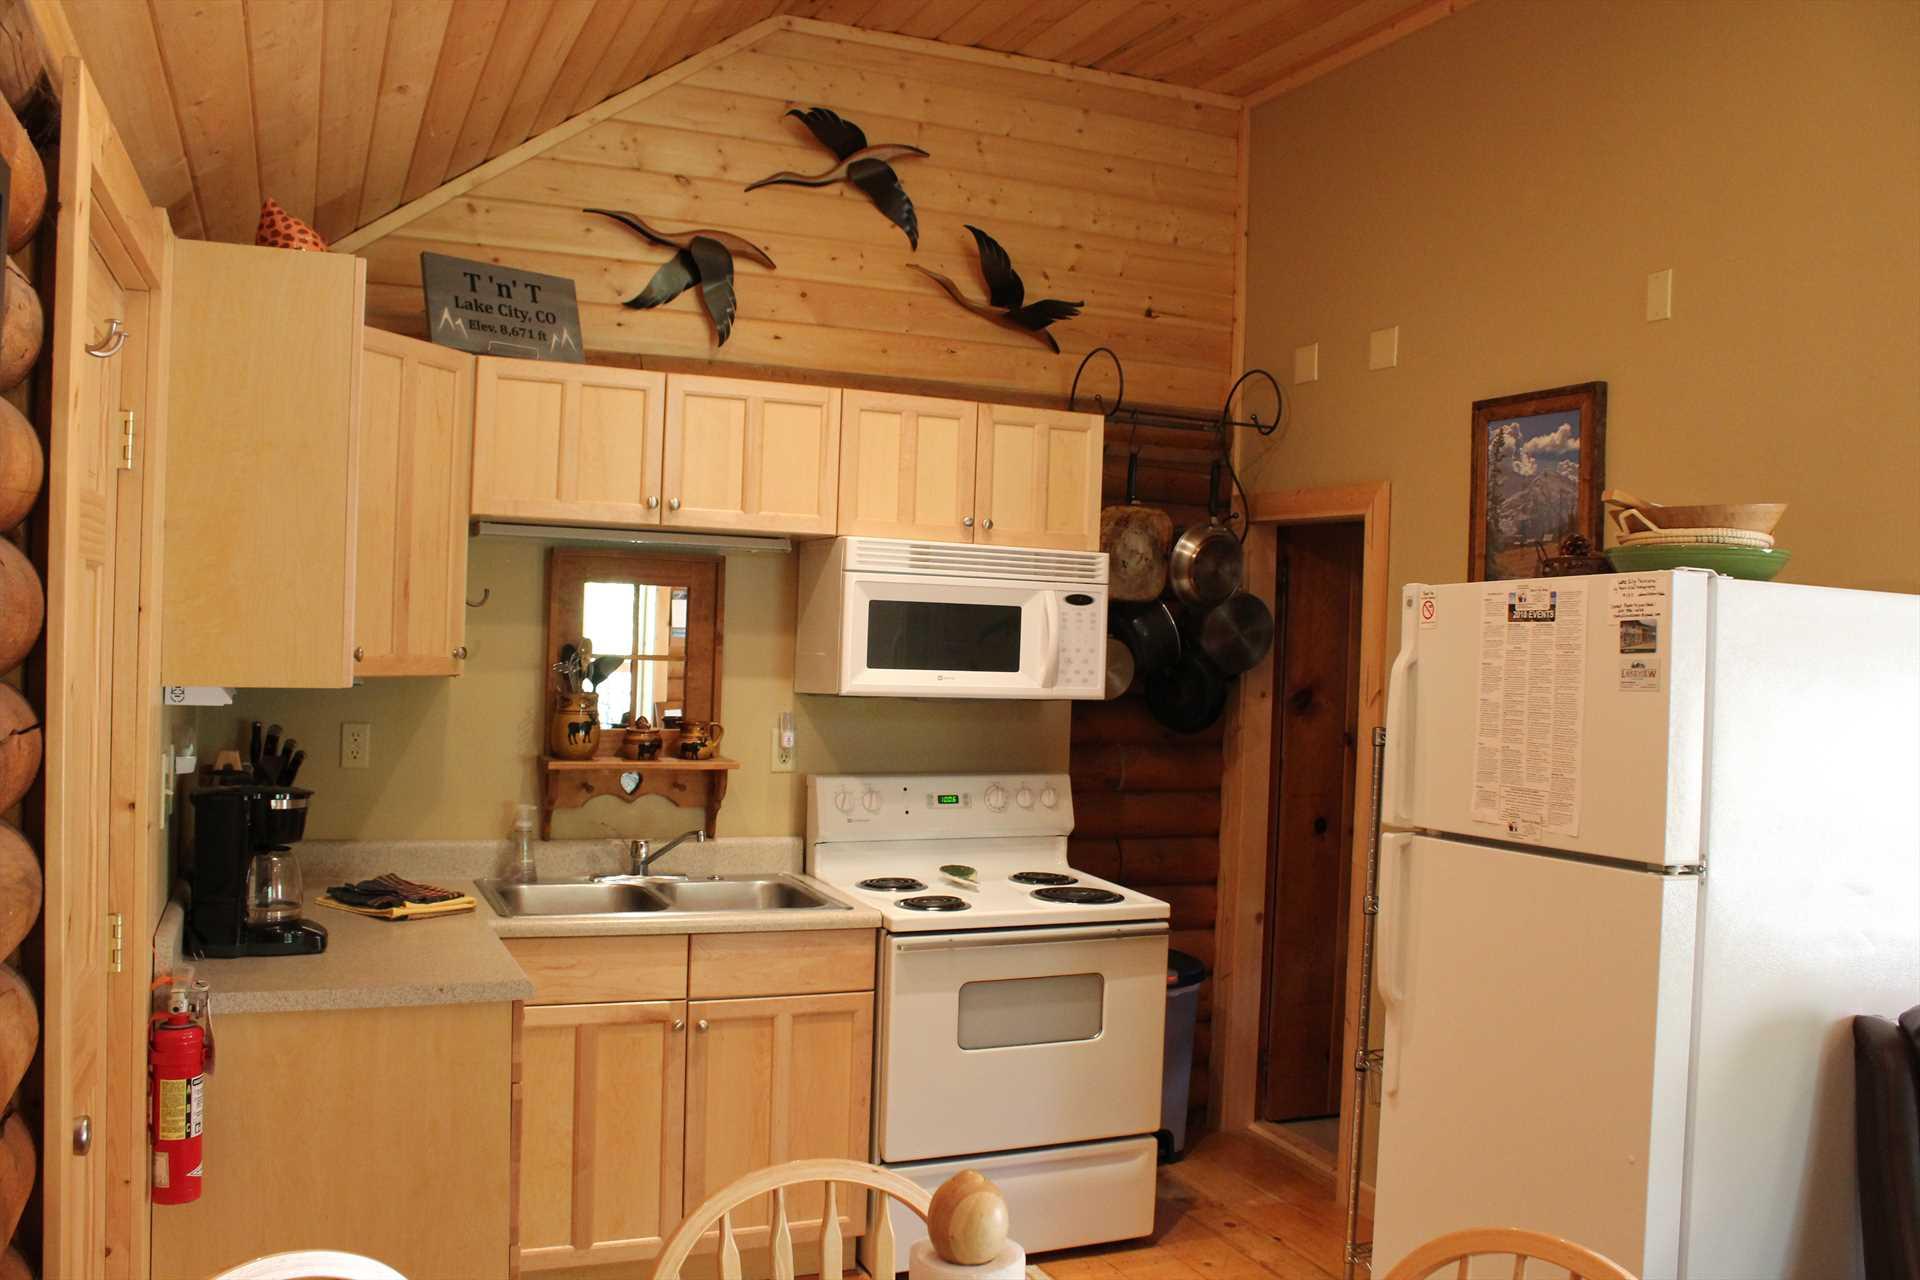 Kitchen Looking toward Bathroom in the Corner